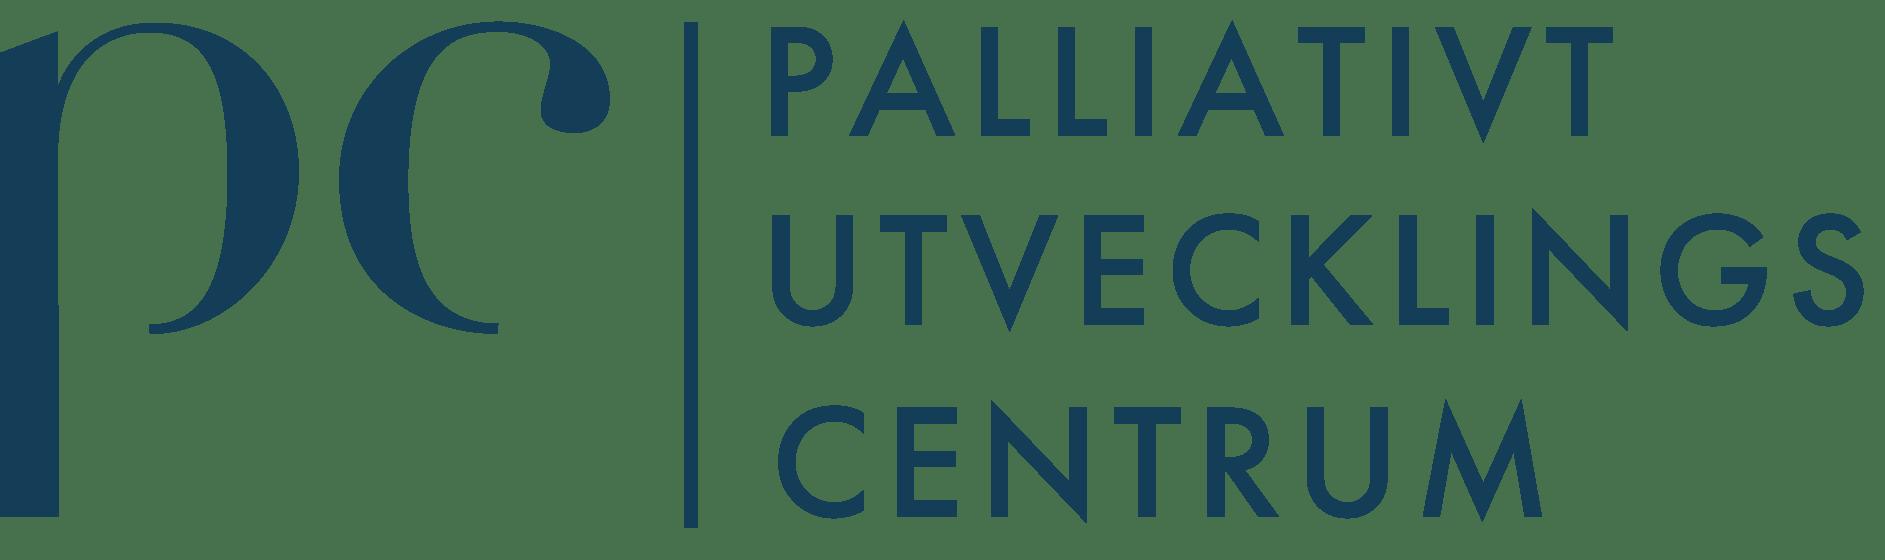 Palliativt utvecklingscentrum